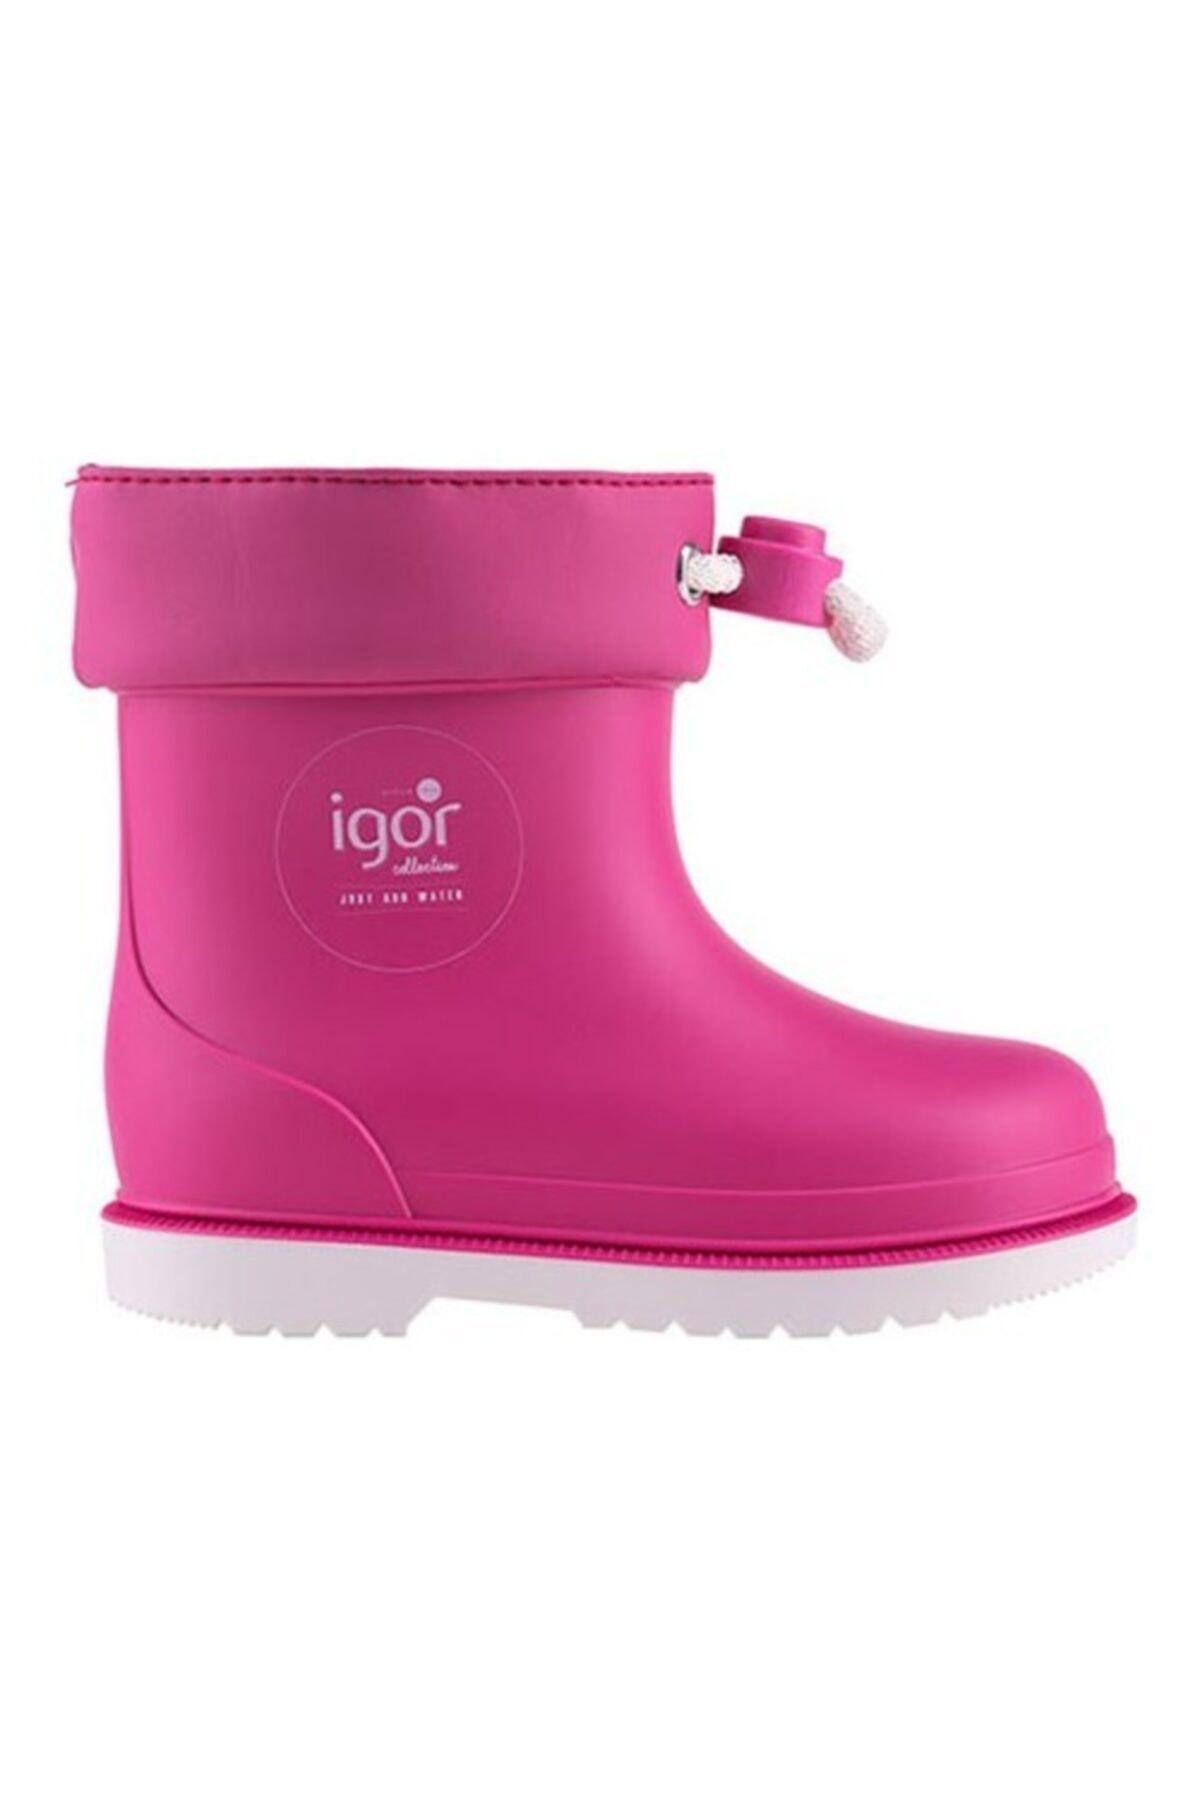 IGOR Bimbi Nautico Çizme 0 Çizme W10225 1